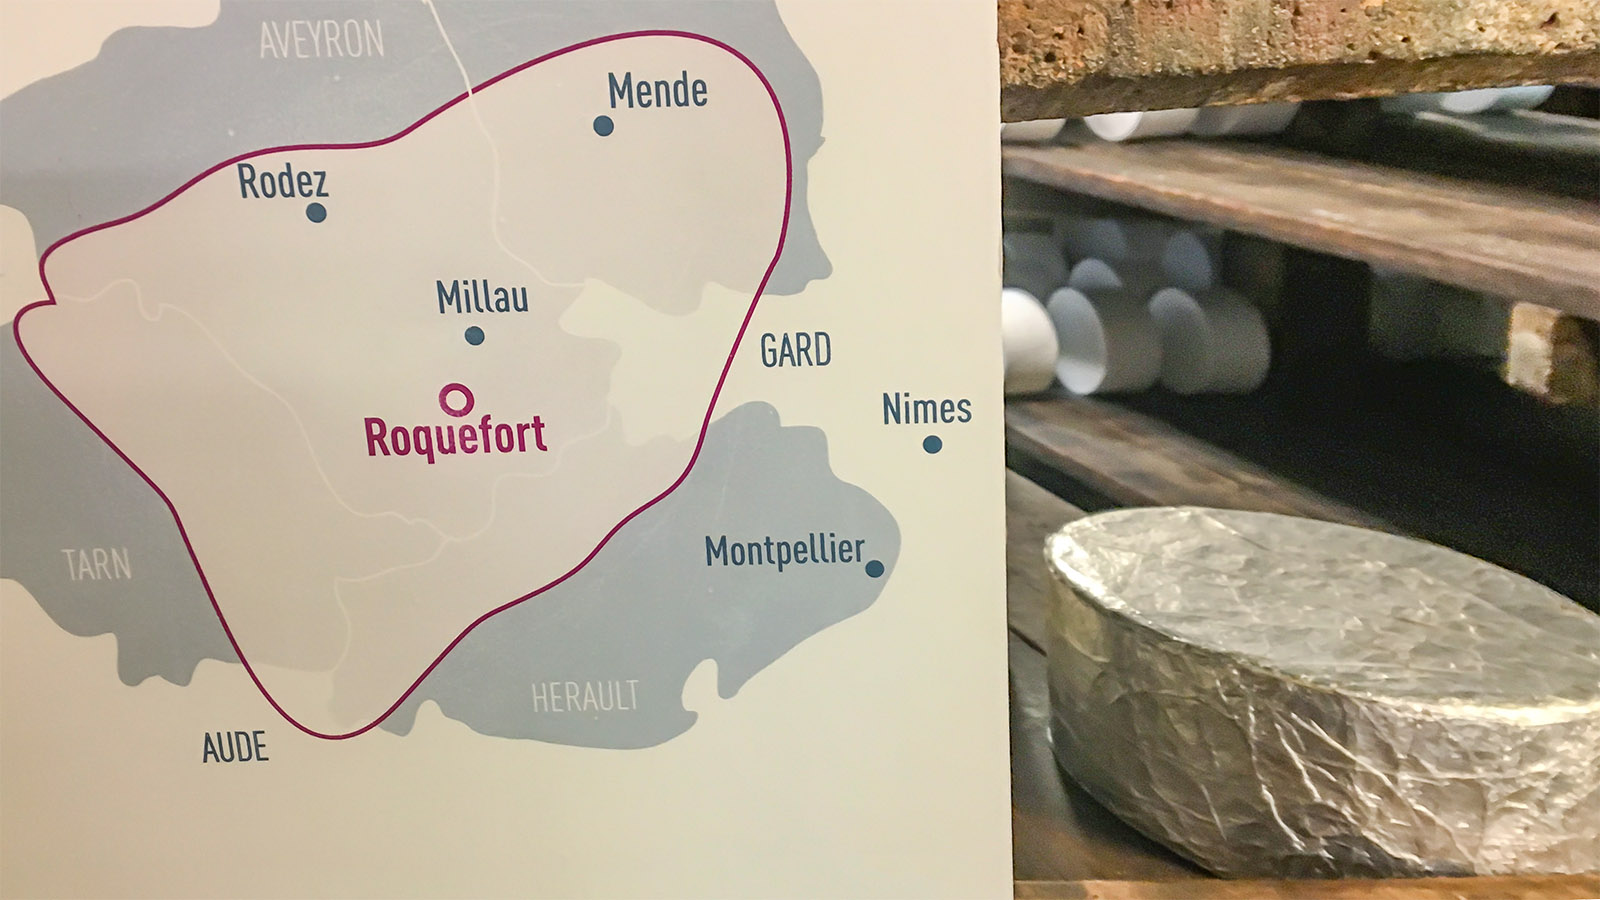 Nur mit der Schafsmilch aus dieser Region darf Roquefort-Käse hergestellt werden. Foto: Hilke Maunder